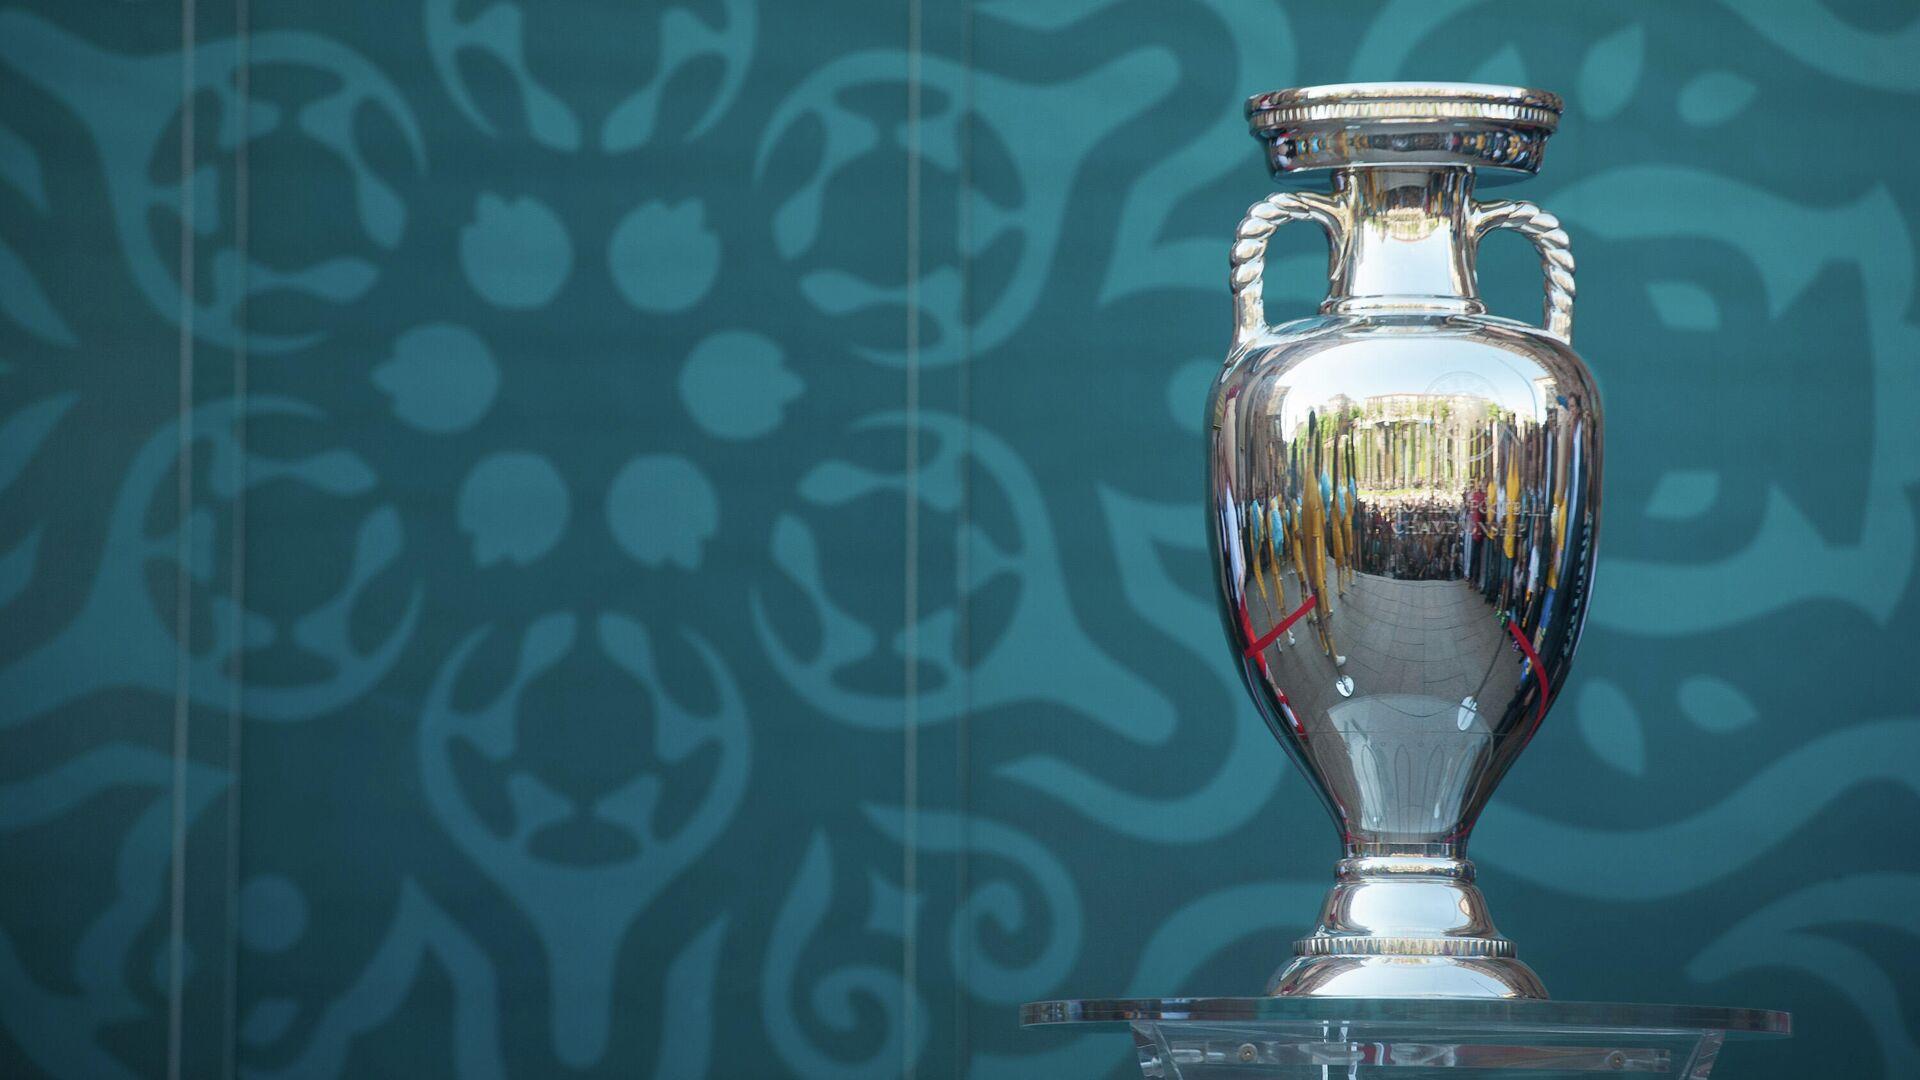 Кубок чемпионата Европы по футболу - РИА Новости, 1920, 30.10.2019